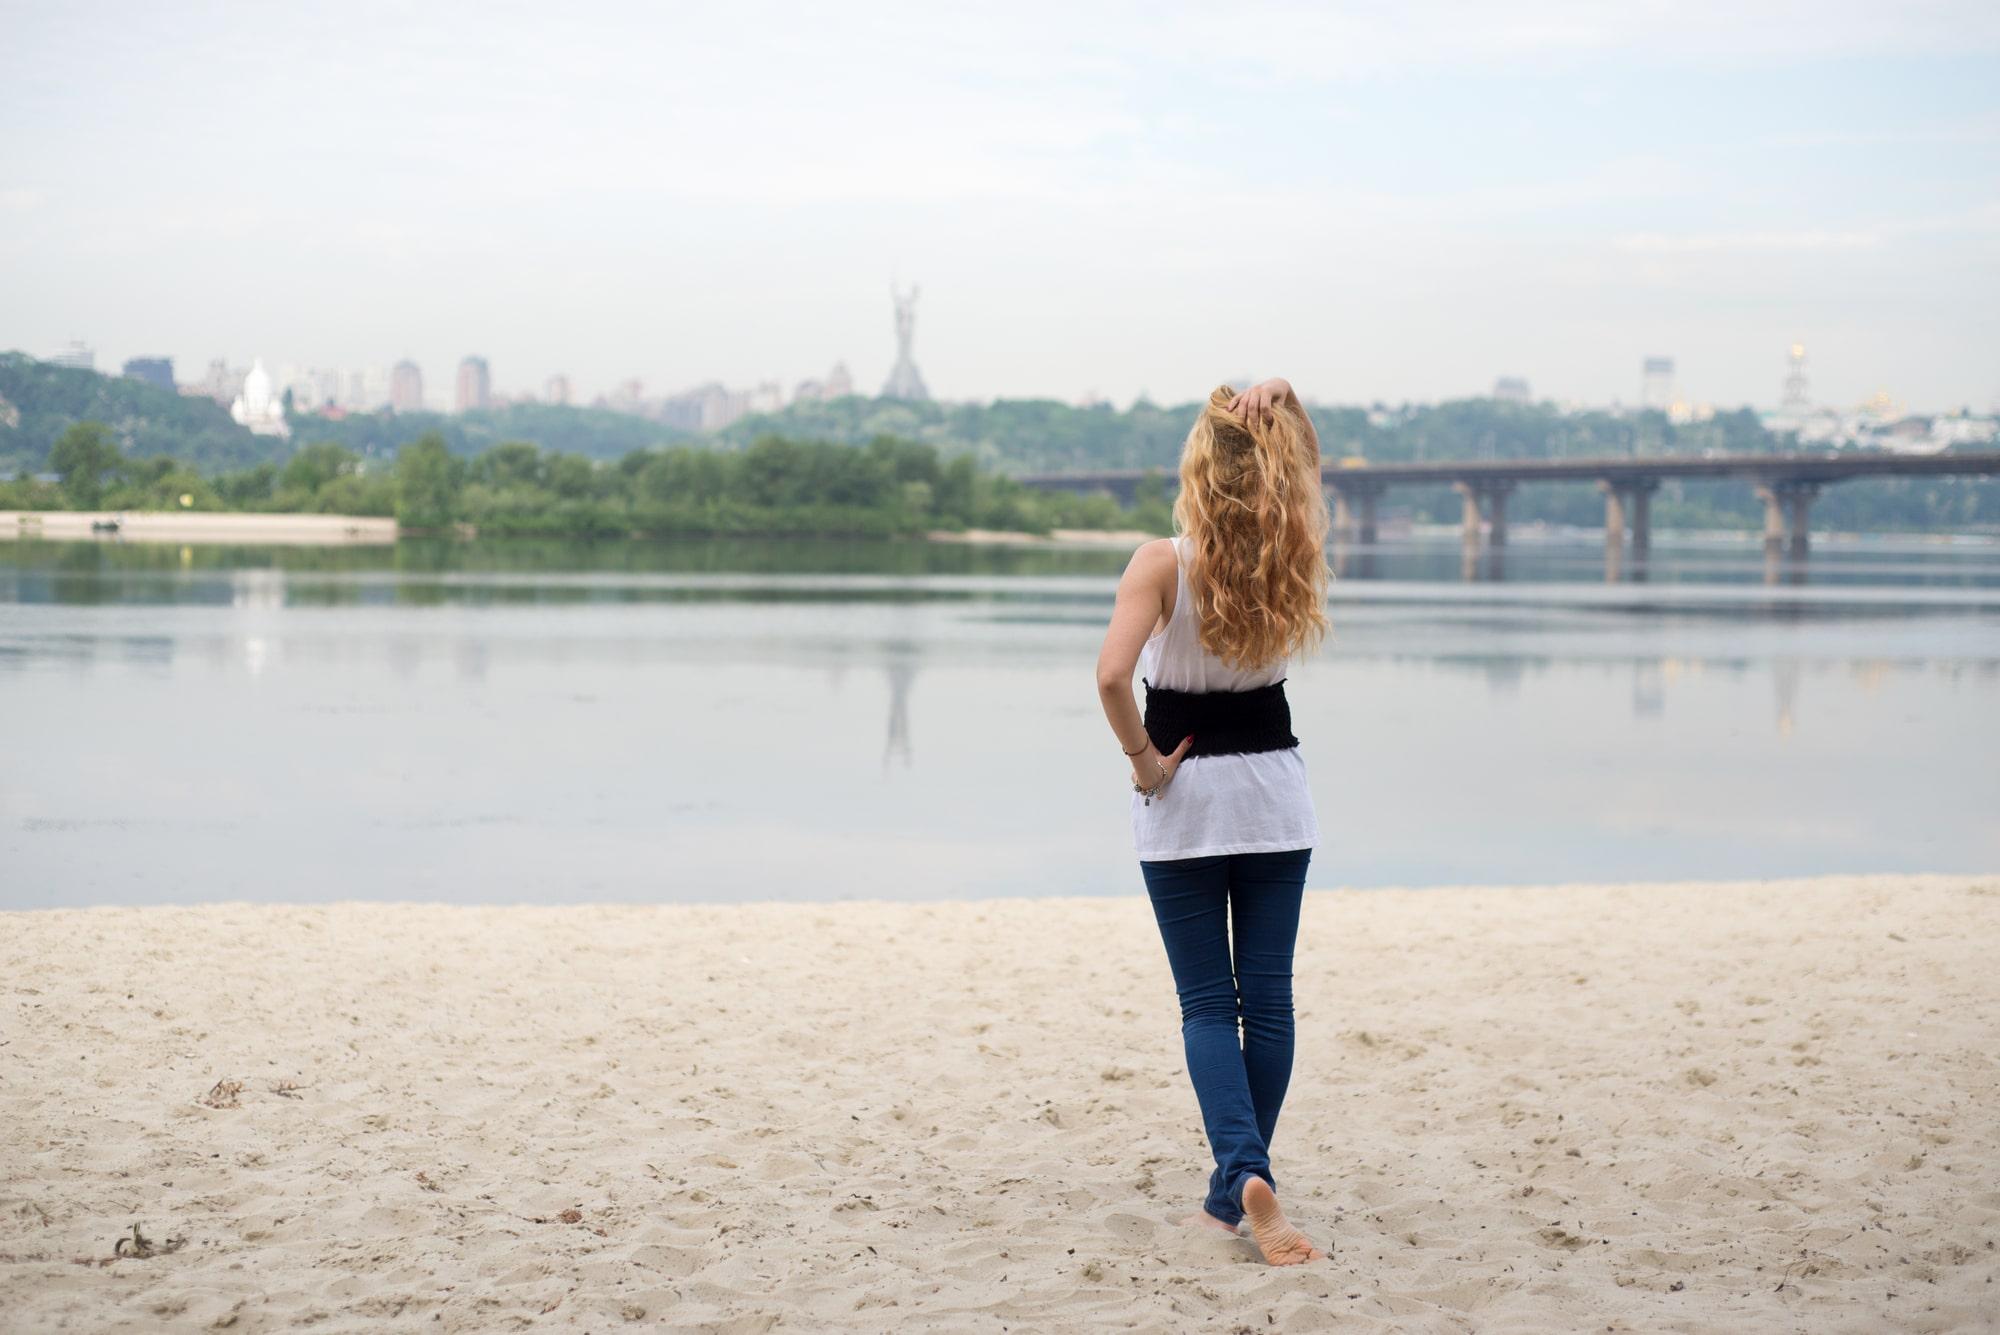 Мечты возле реки - Фотограф Женя Лайт